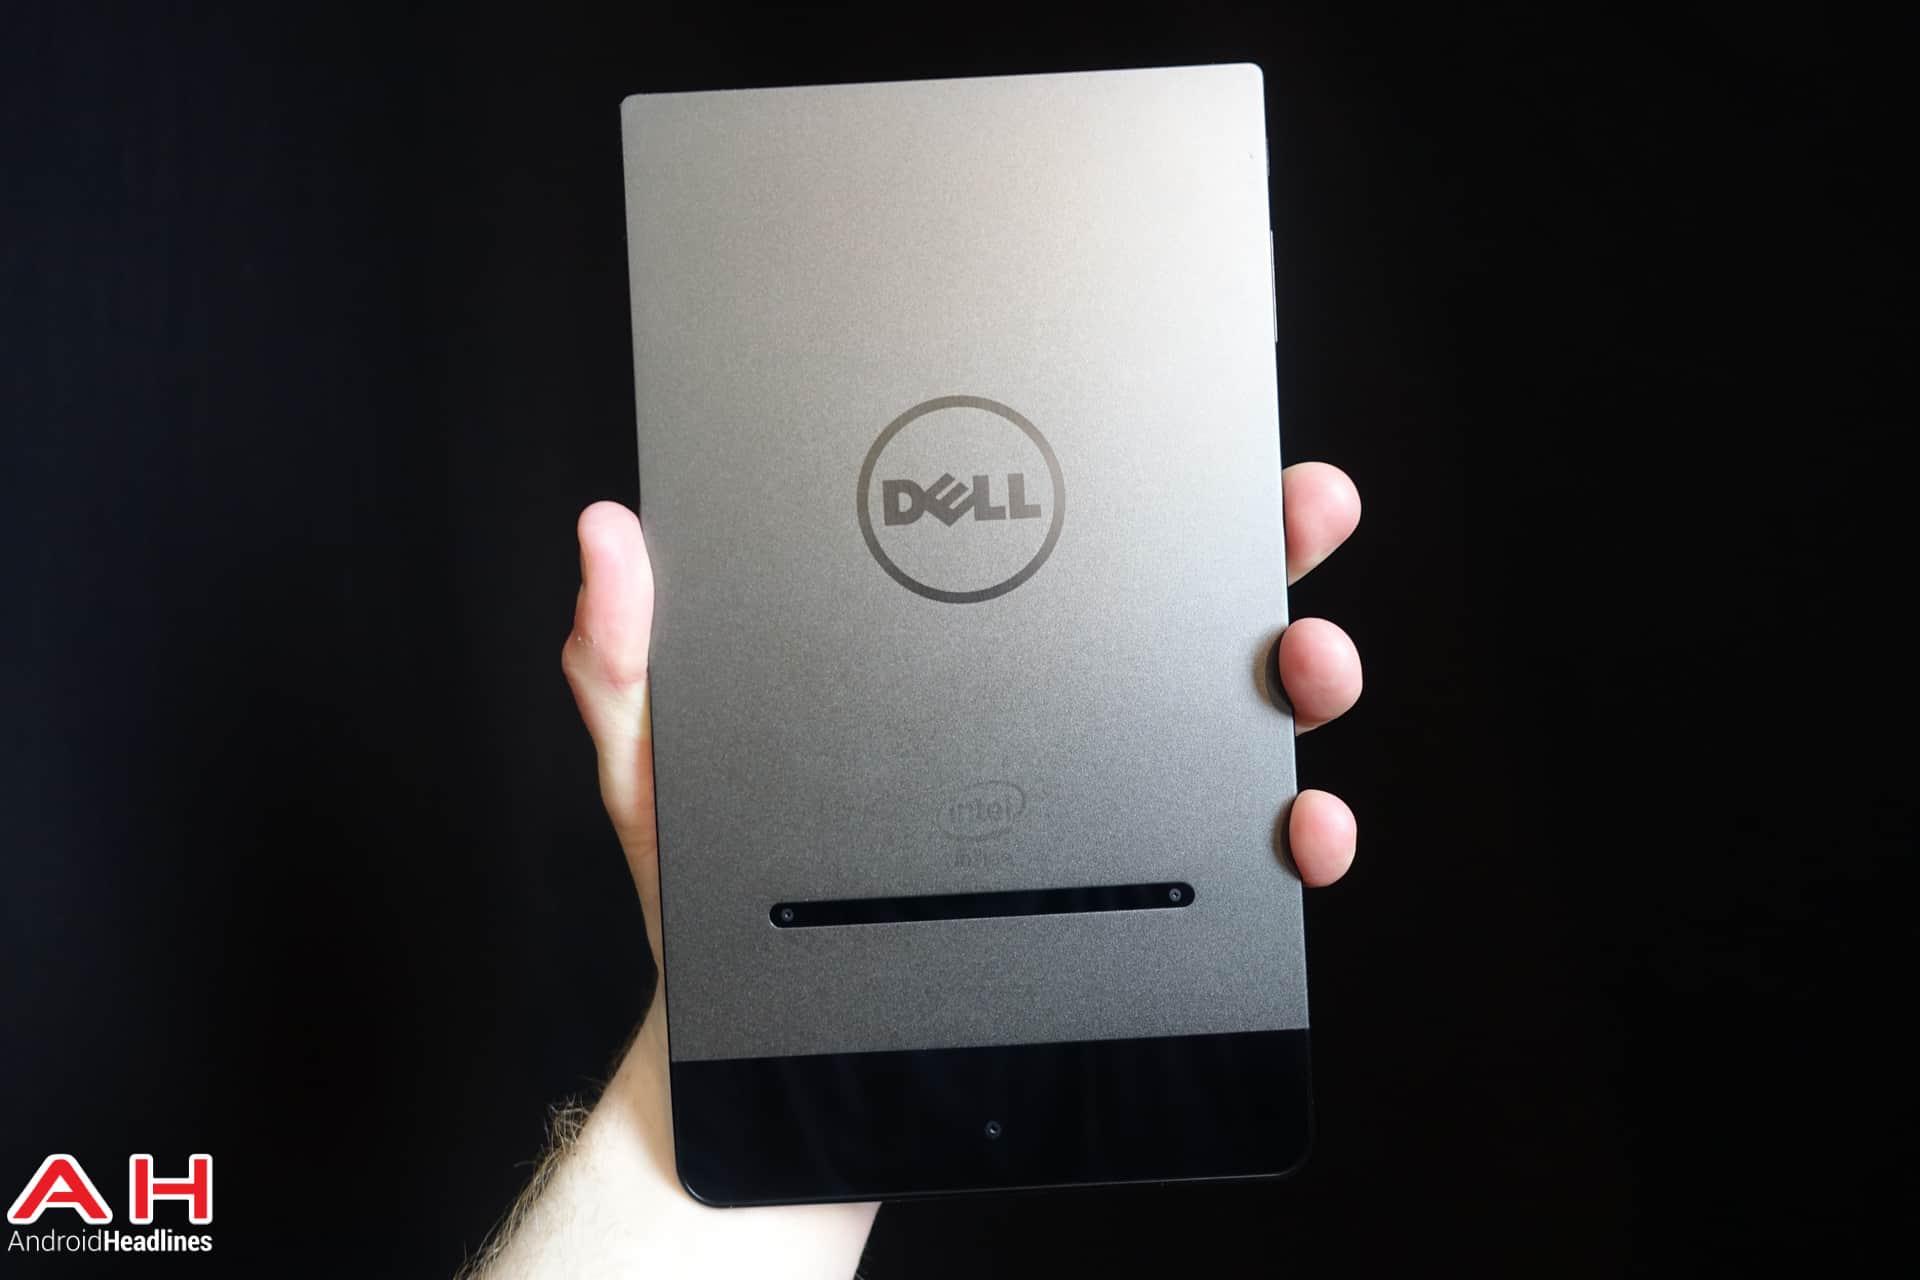 Dell-Venue-8-7840-AH-03546